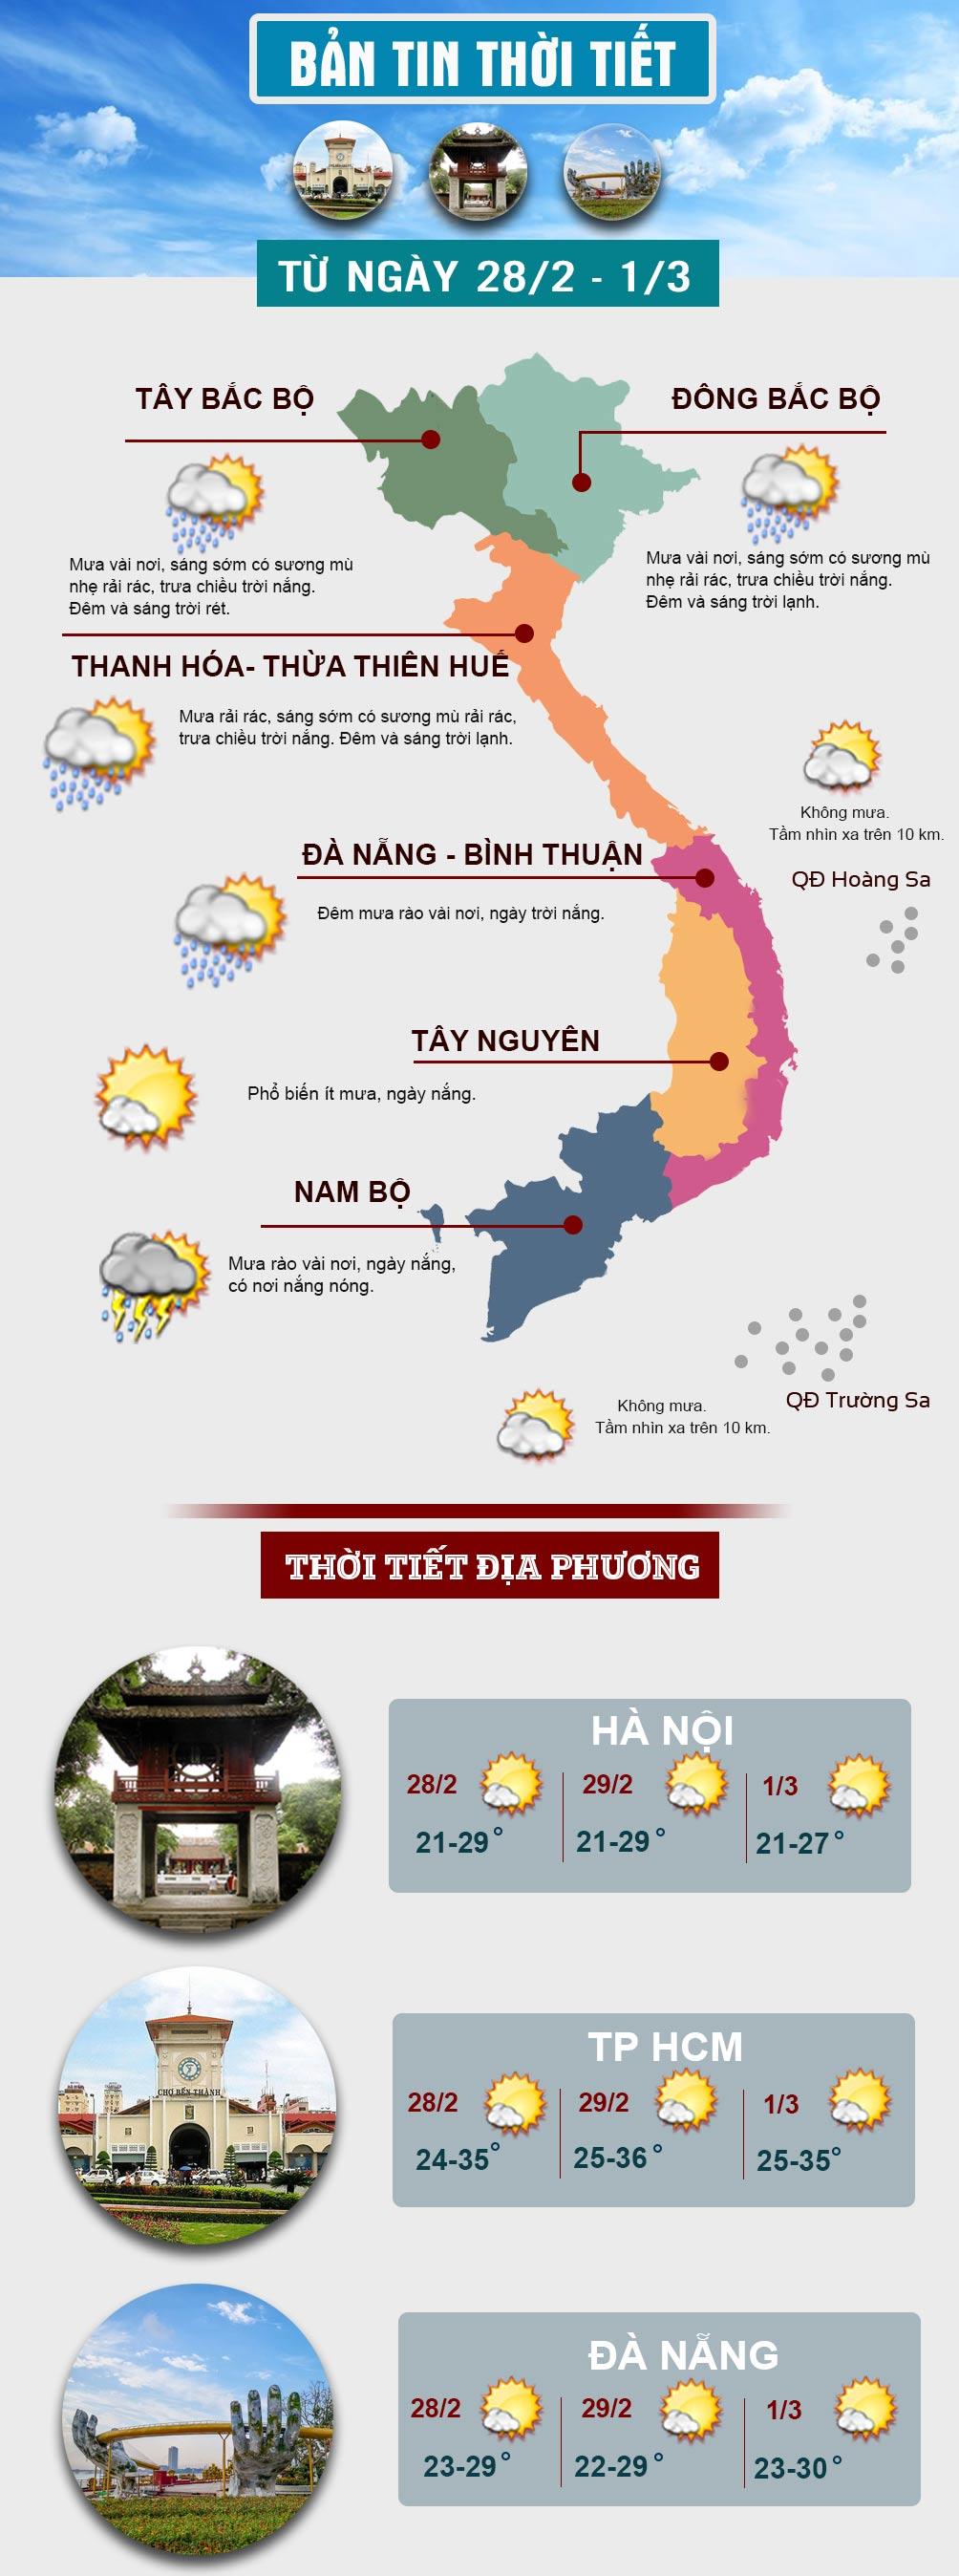 Miền Bắc hửng nắng trước khi gió mùa tràn về, miền Nam có nơi nắng nóng - 1